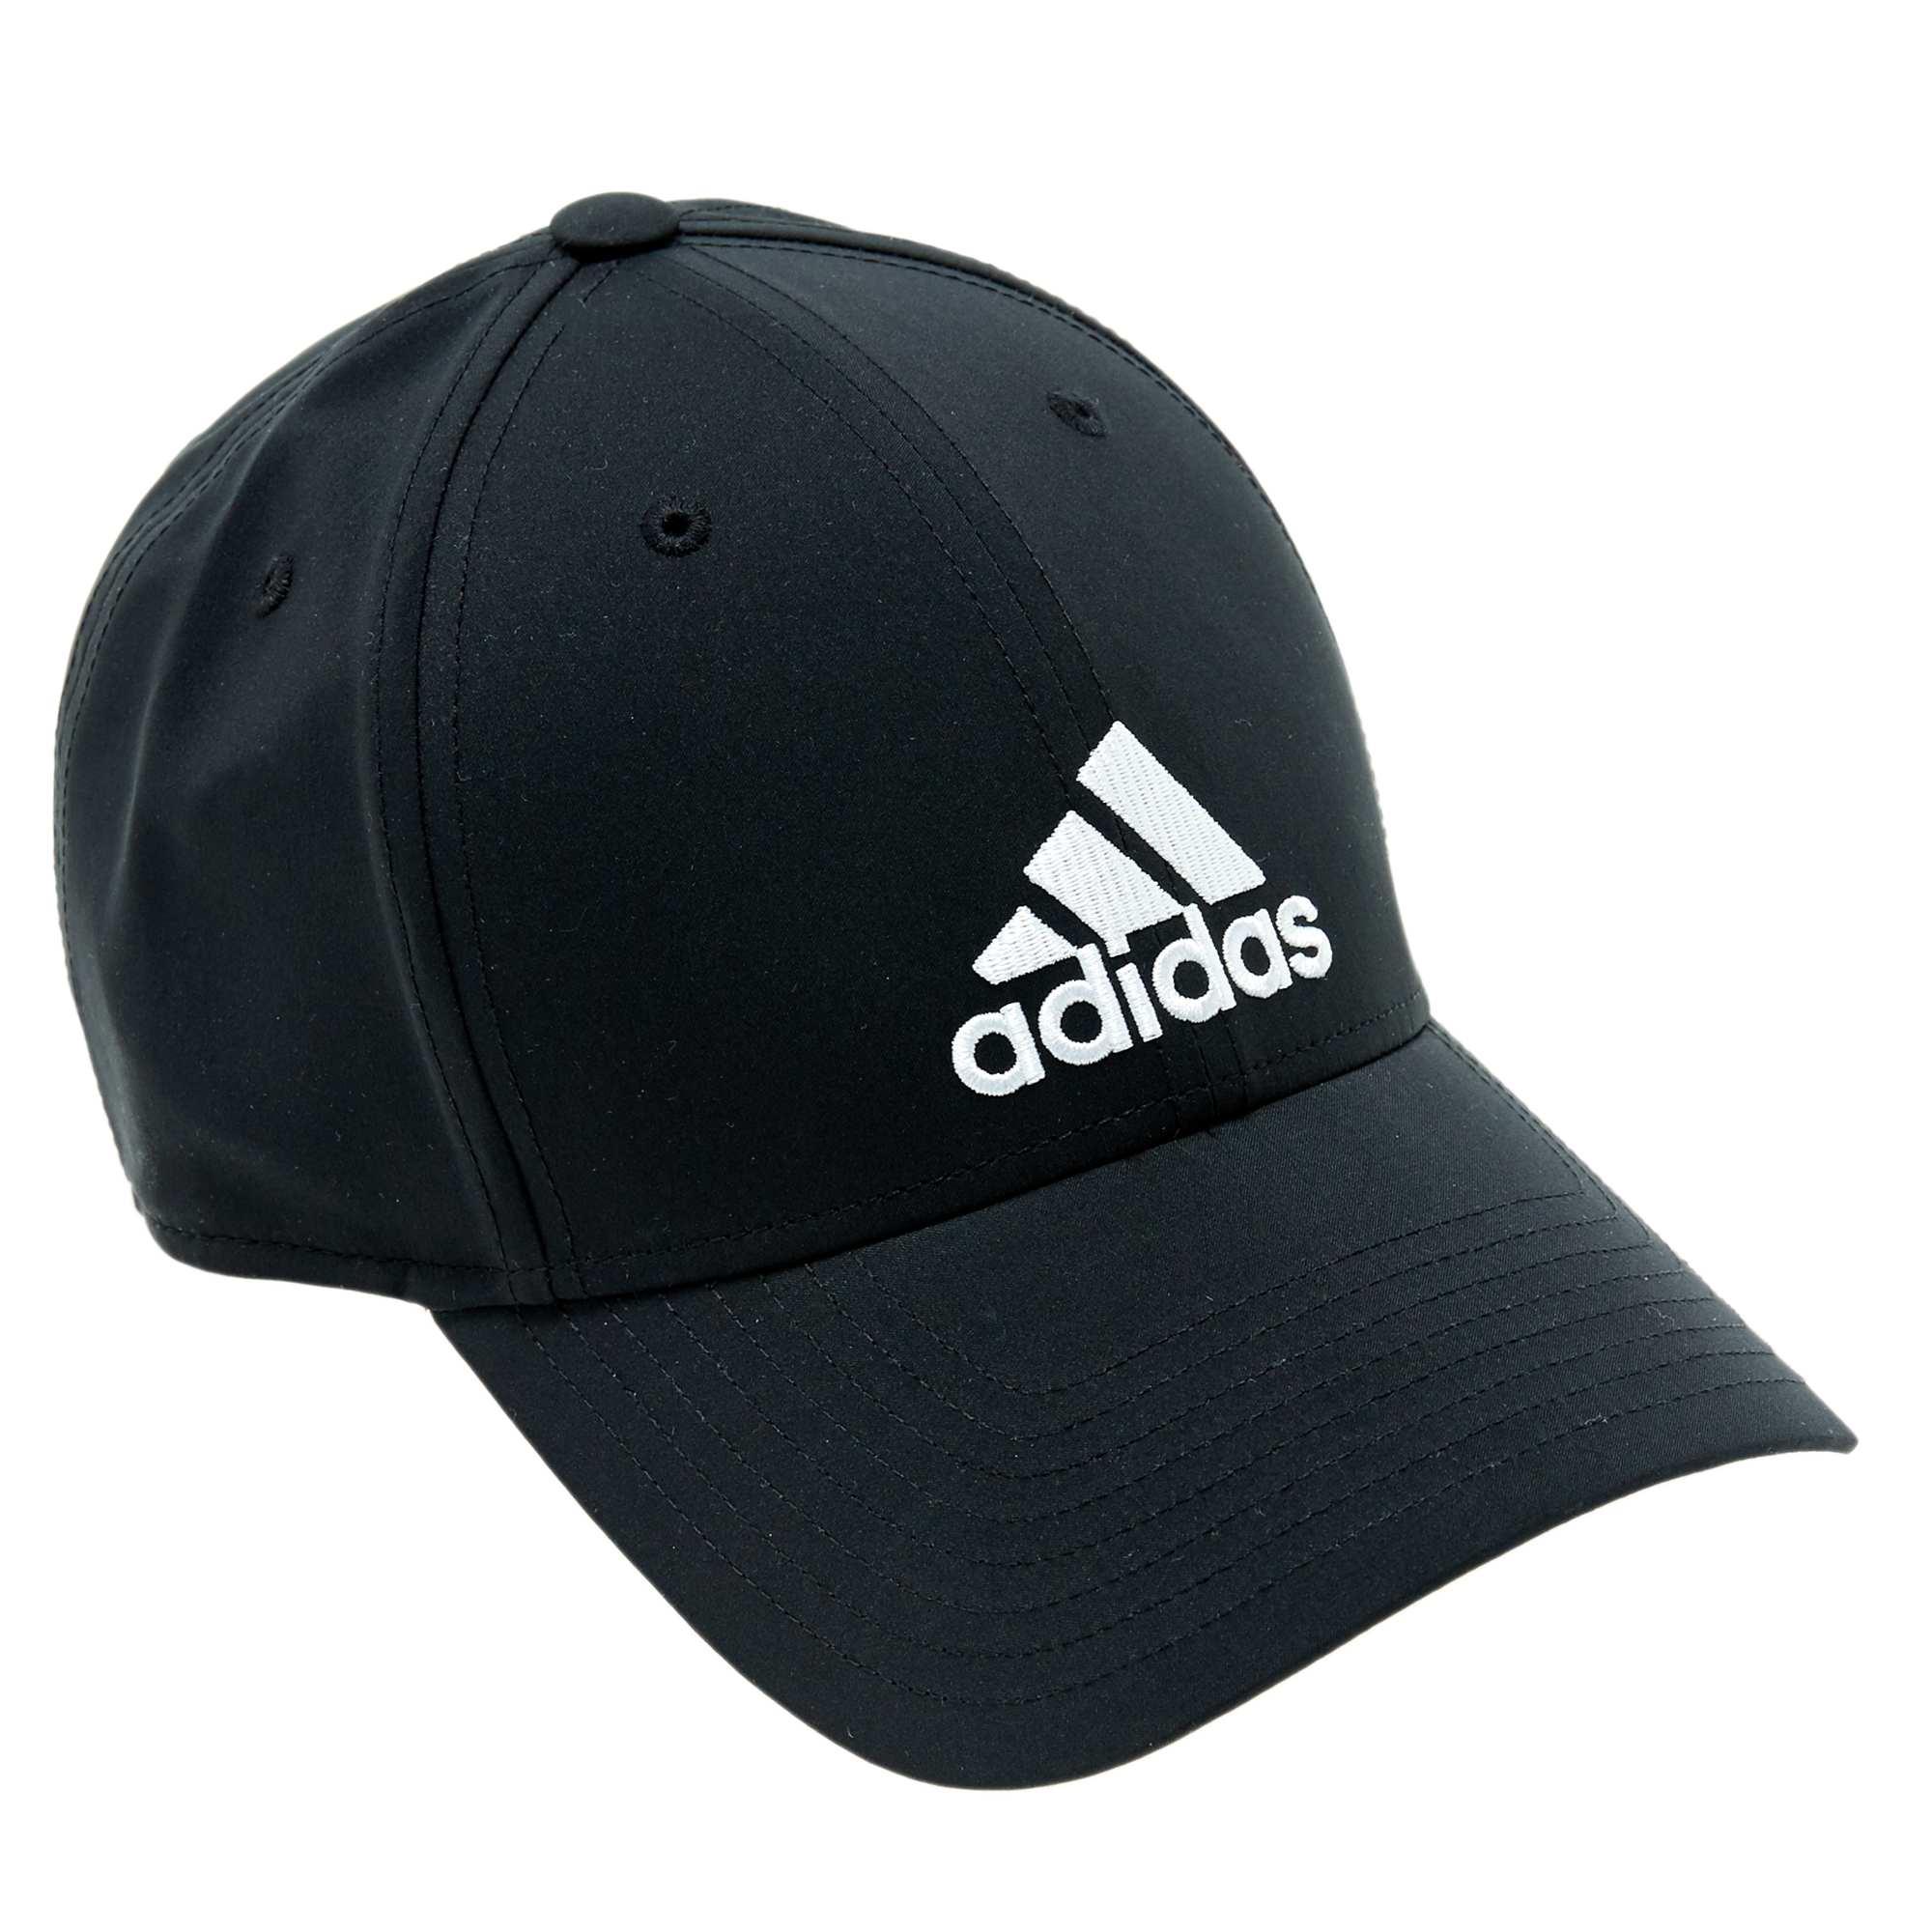 cappello adidas ragazzo nero